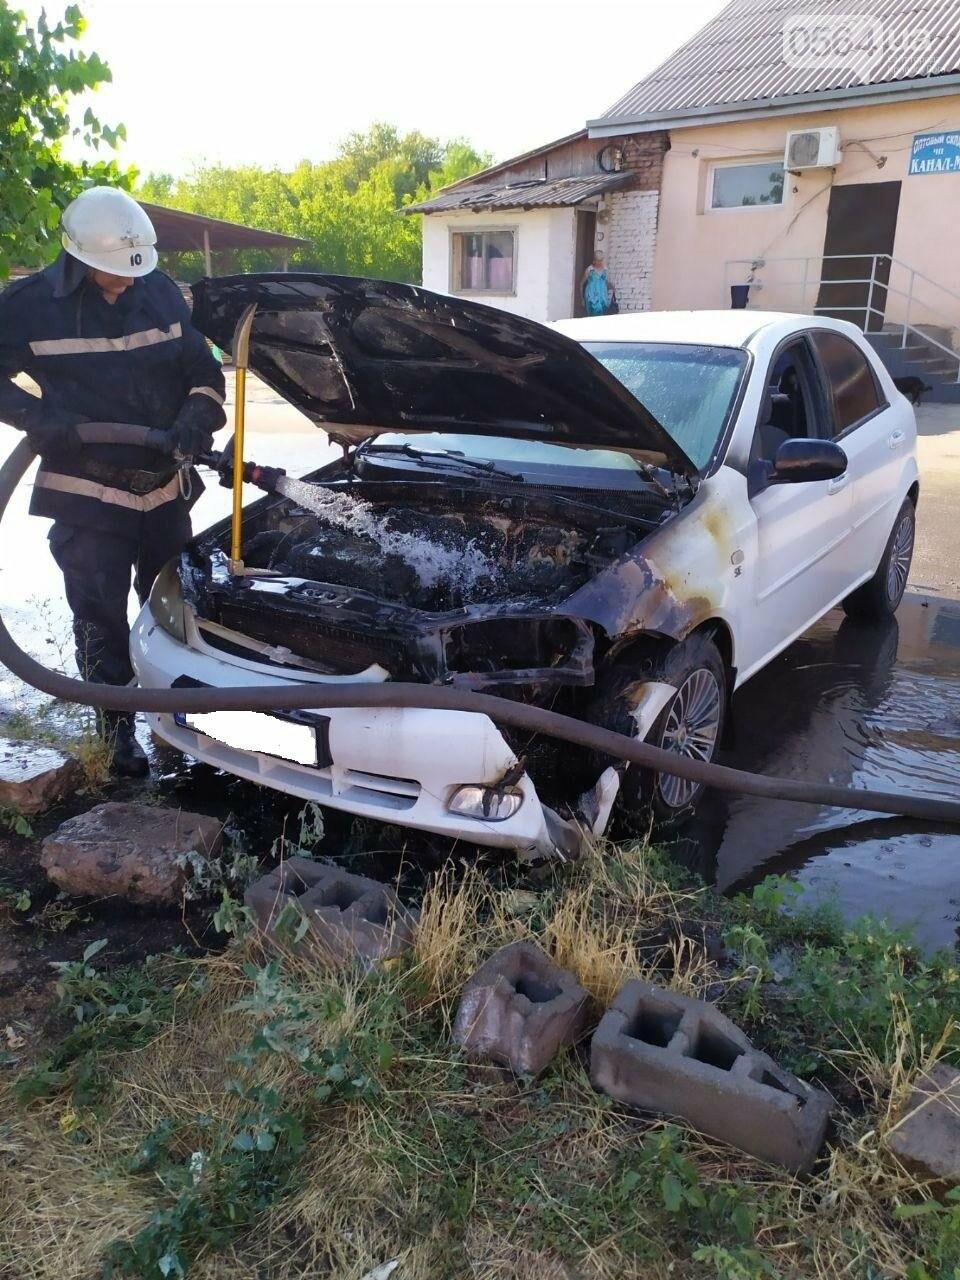 Утром в Кривом Роге горел легковой автомобиль, припаркованный на временной стоянке, - ФОТО , фото-3